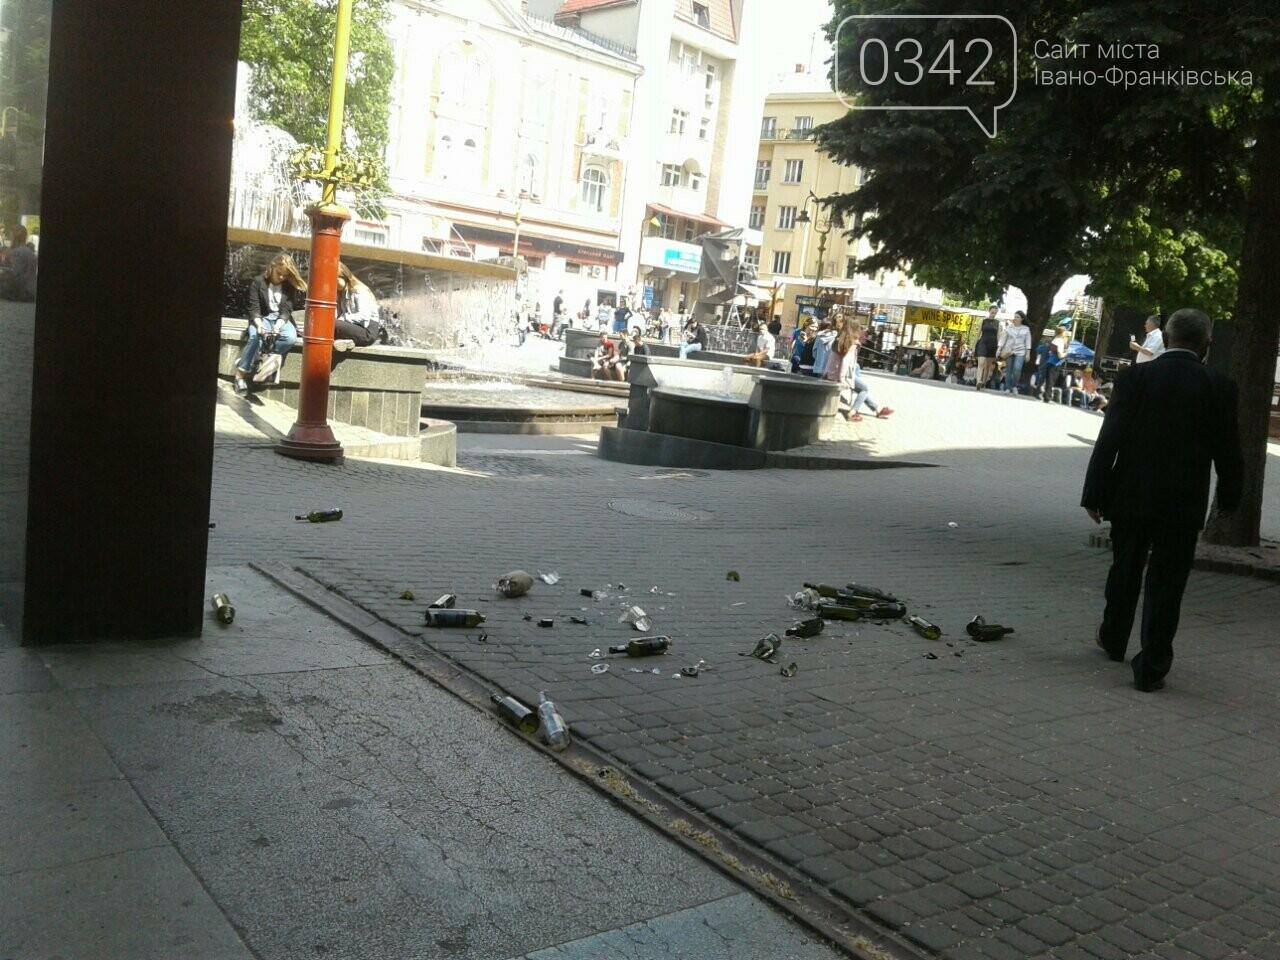 Святкування не задались. На Вічевому майдані купа розбитих пляшок. ФОТО, фото-2